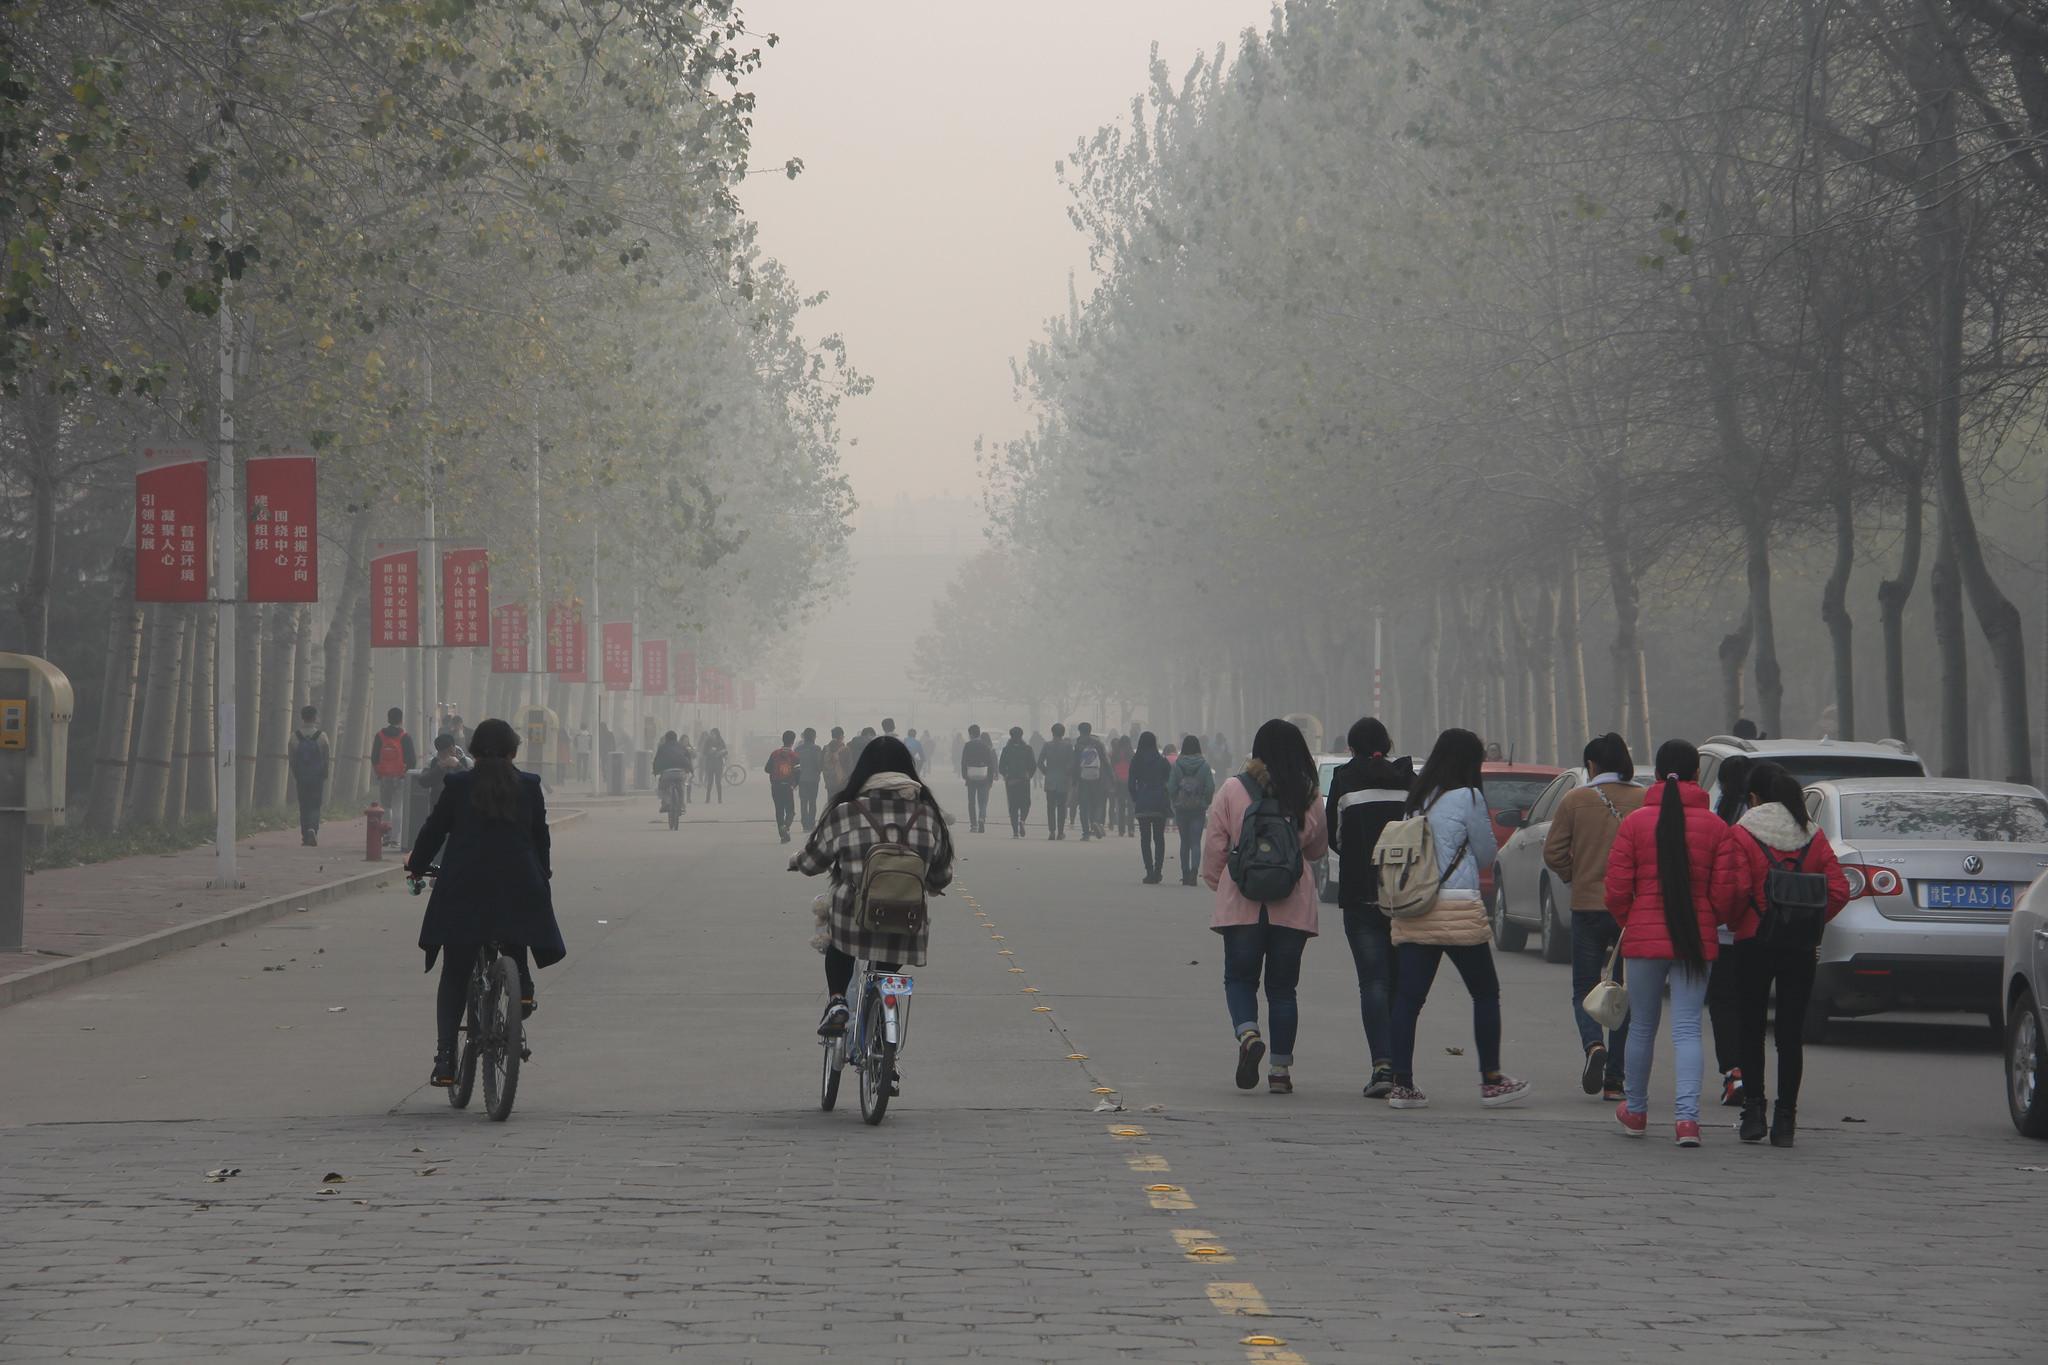 自動車業界を筆頭に、世界中で急激に進む大気汚染問題への対応